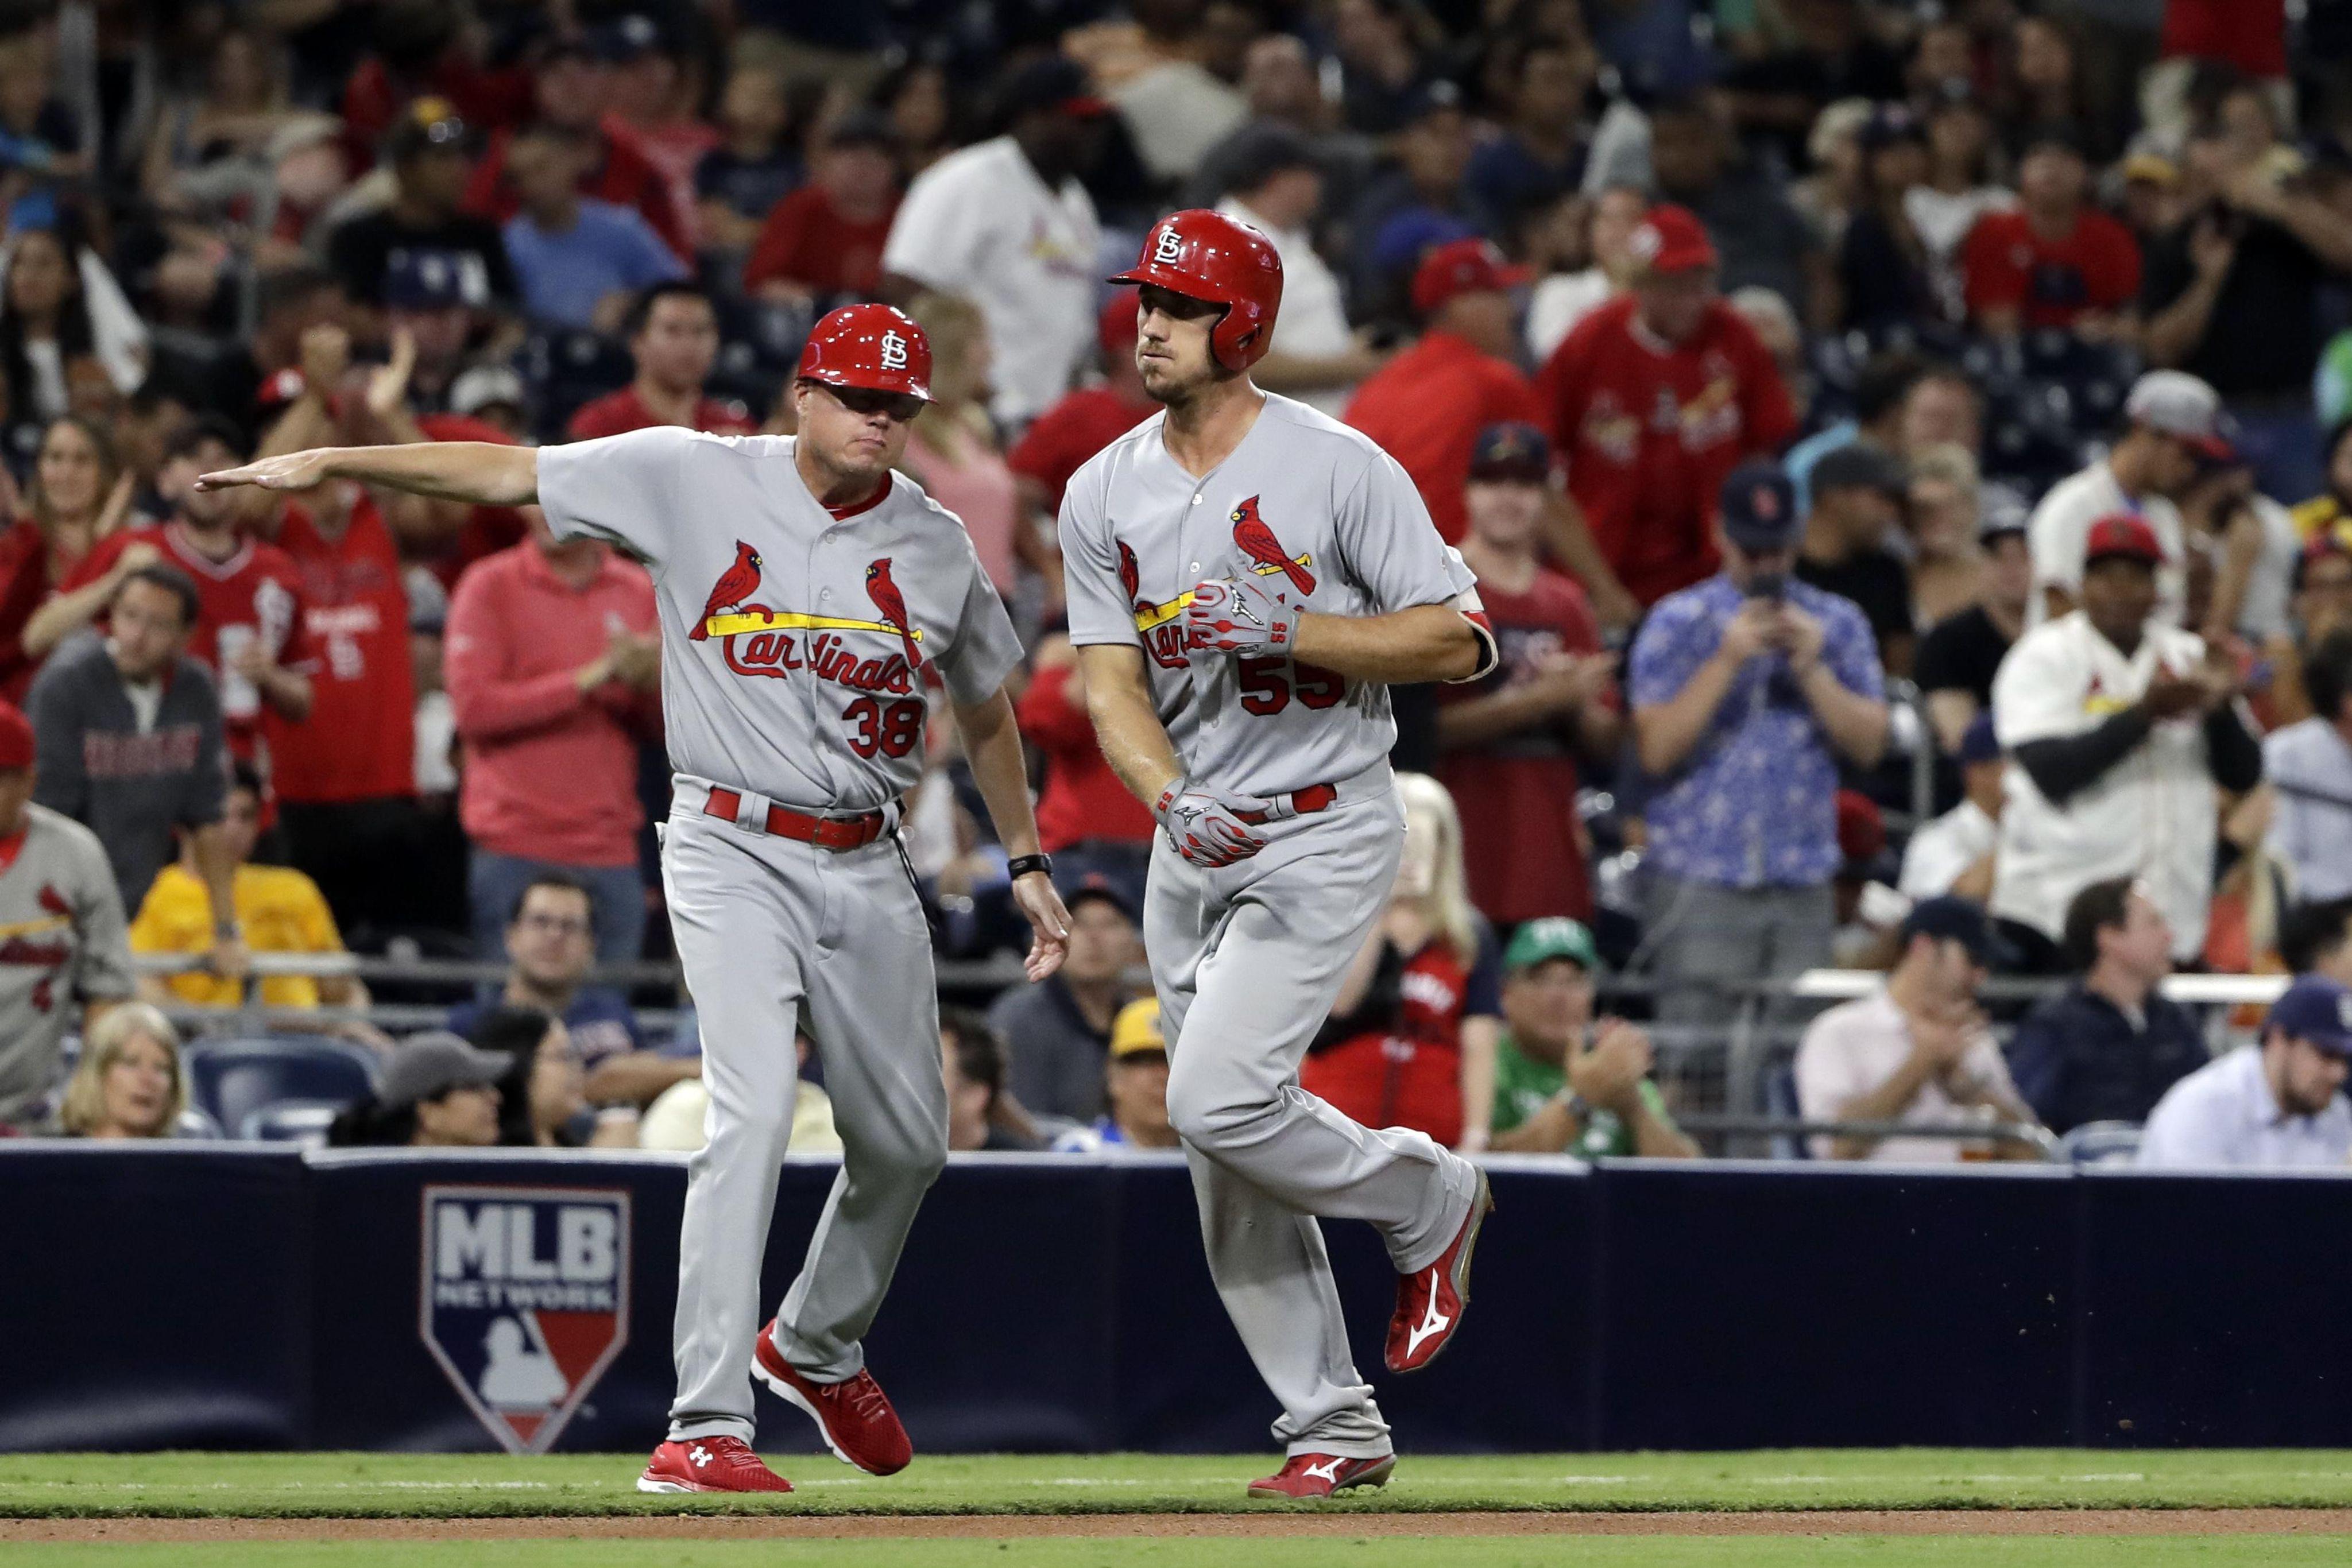 Cardinals_padres_baseball_87770_s4096x2731